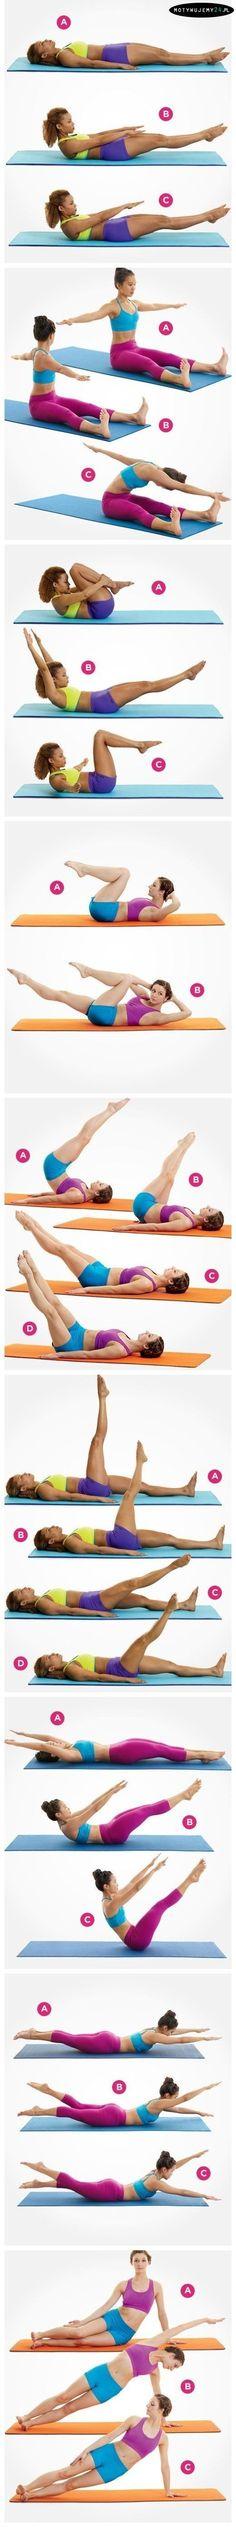 Kompletny trening brzucha - Tak wlaśnie powinien wyglądać!!!